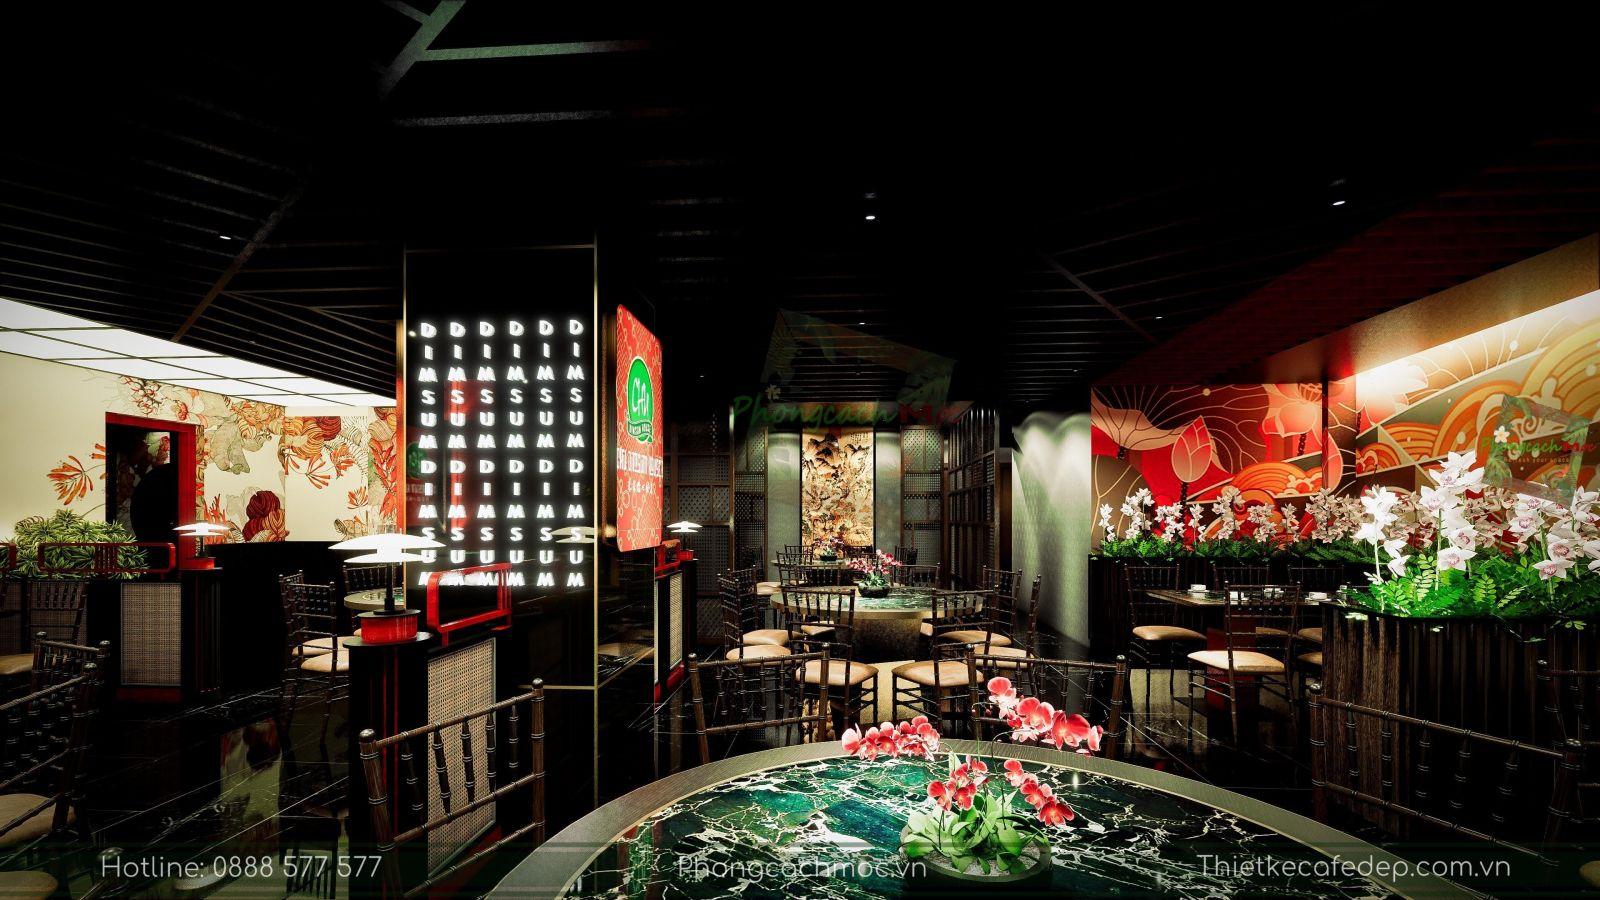 thiết kế nhà hàng trung hoa - không gian tầng trệt - nét văn hóa độc đáo - 3